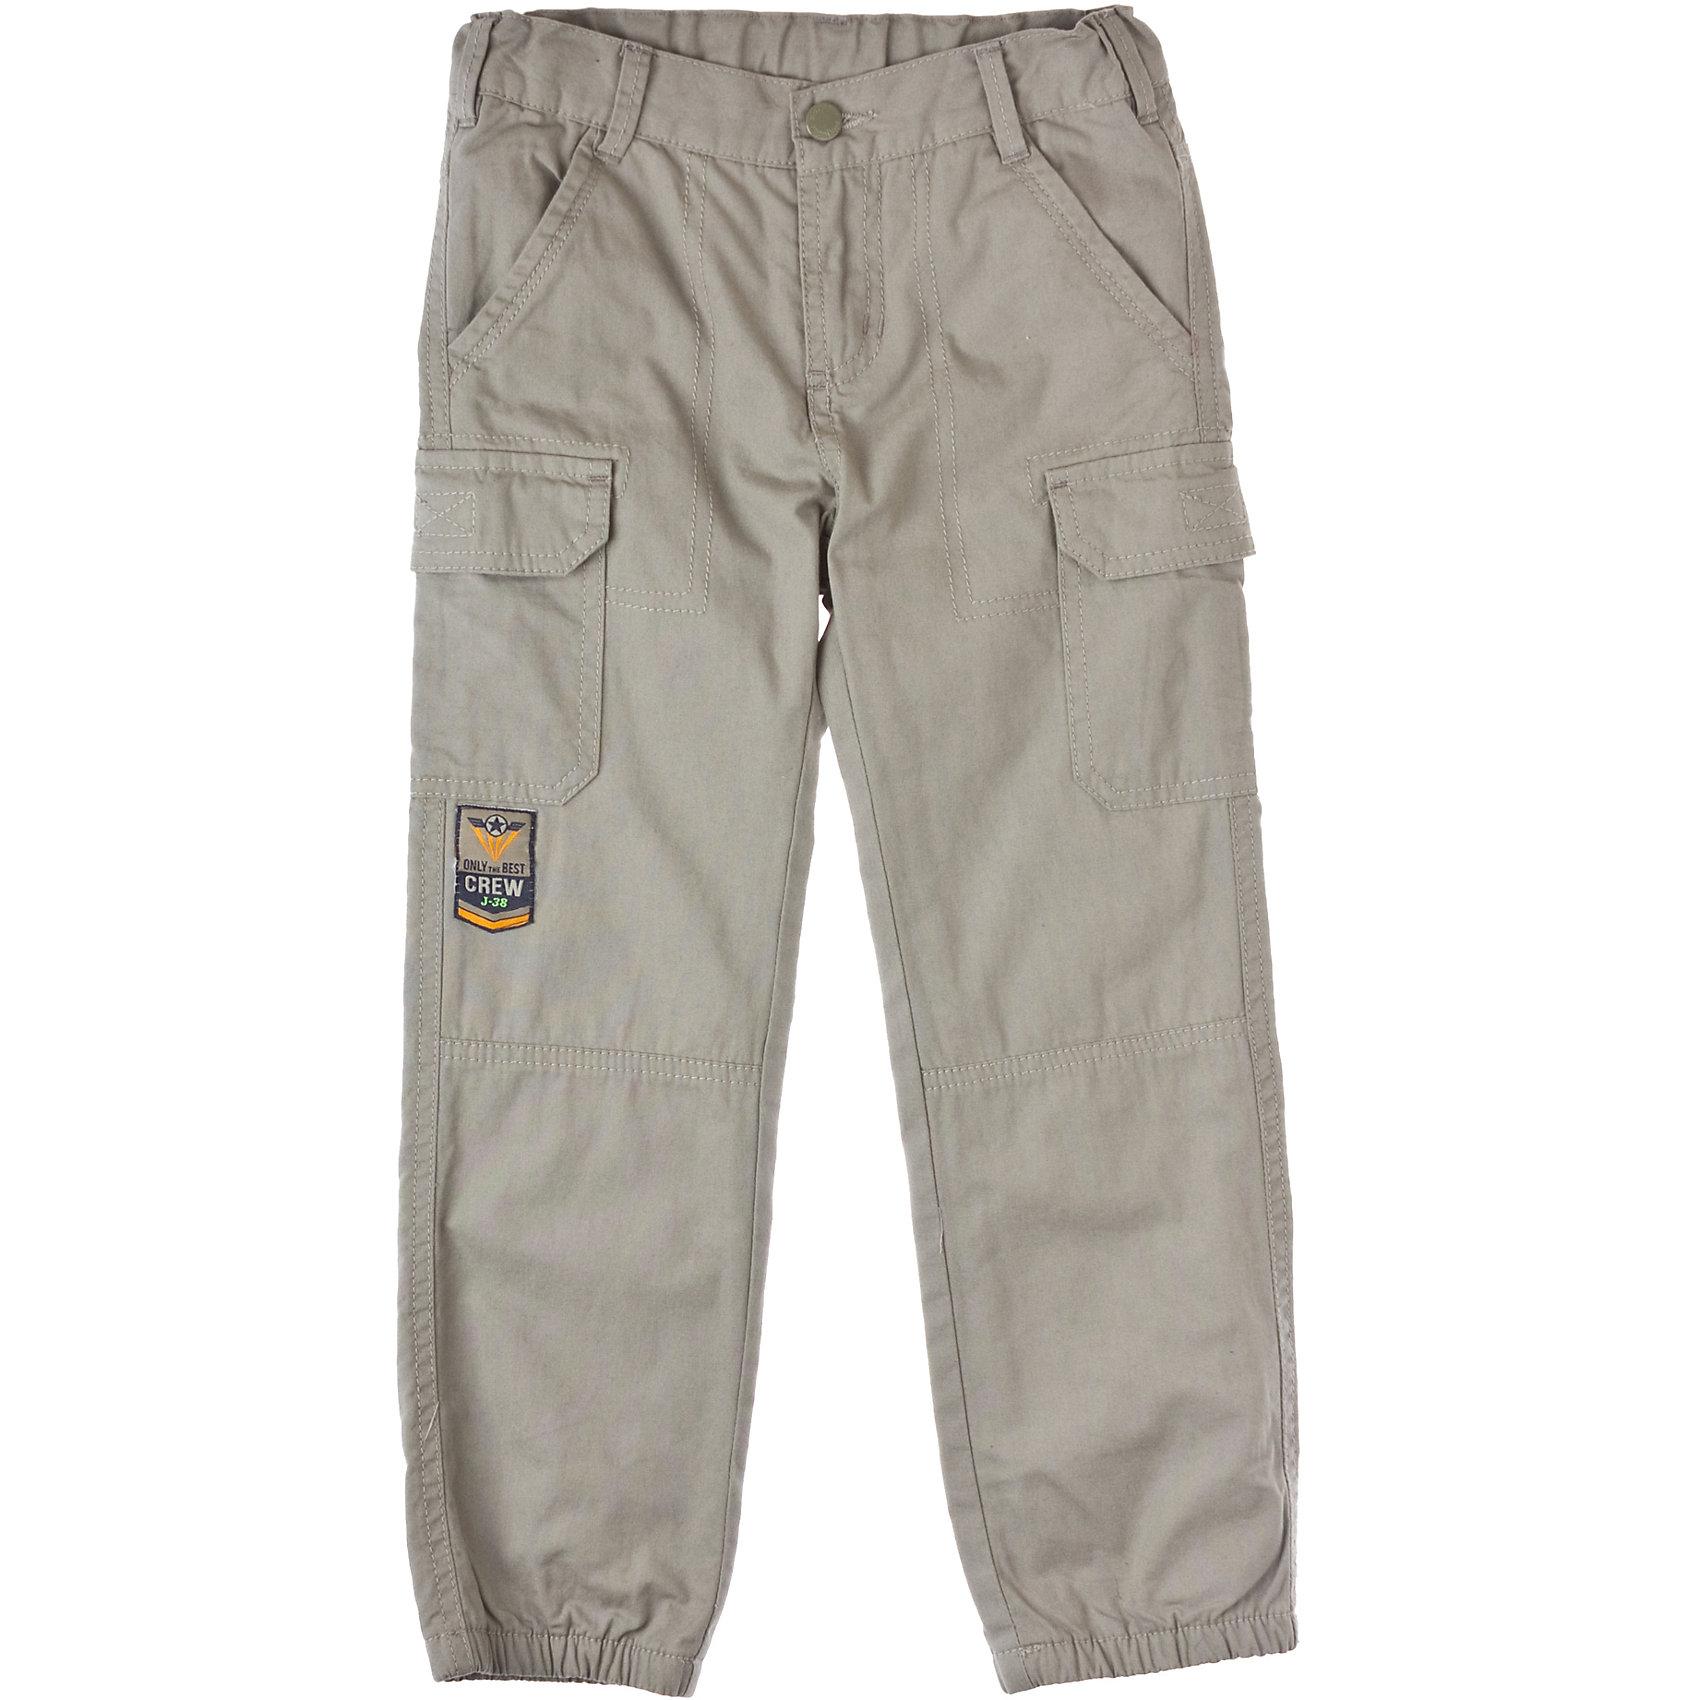 Брюки для мальчика PlayTodayБрюки<br>Брюки для мальчика PlayToday Хлопковые брюки в спортивном стиле. Четыре функциональных кармана, дополнительная подкладка-джерси. Достаточно свободные и удобные. Отлично подходят для ранней осени. Состав: верх: 100% хлопок, подкладка: 100% хлопок<br><br>Ширина мм: 215<br>Глубина мм: 88<br>Высота мм: 191<br>Вес г: 336<br>Цвет: серый<br>Возраст от месяцев: 36<br>Возраст до месяцев: 48<br>Пол: Мужской<br>Возраст: Детский<br>Размер: 104,116,122,98,128,110<br>SKU: 4227650